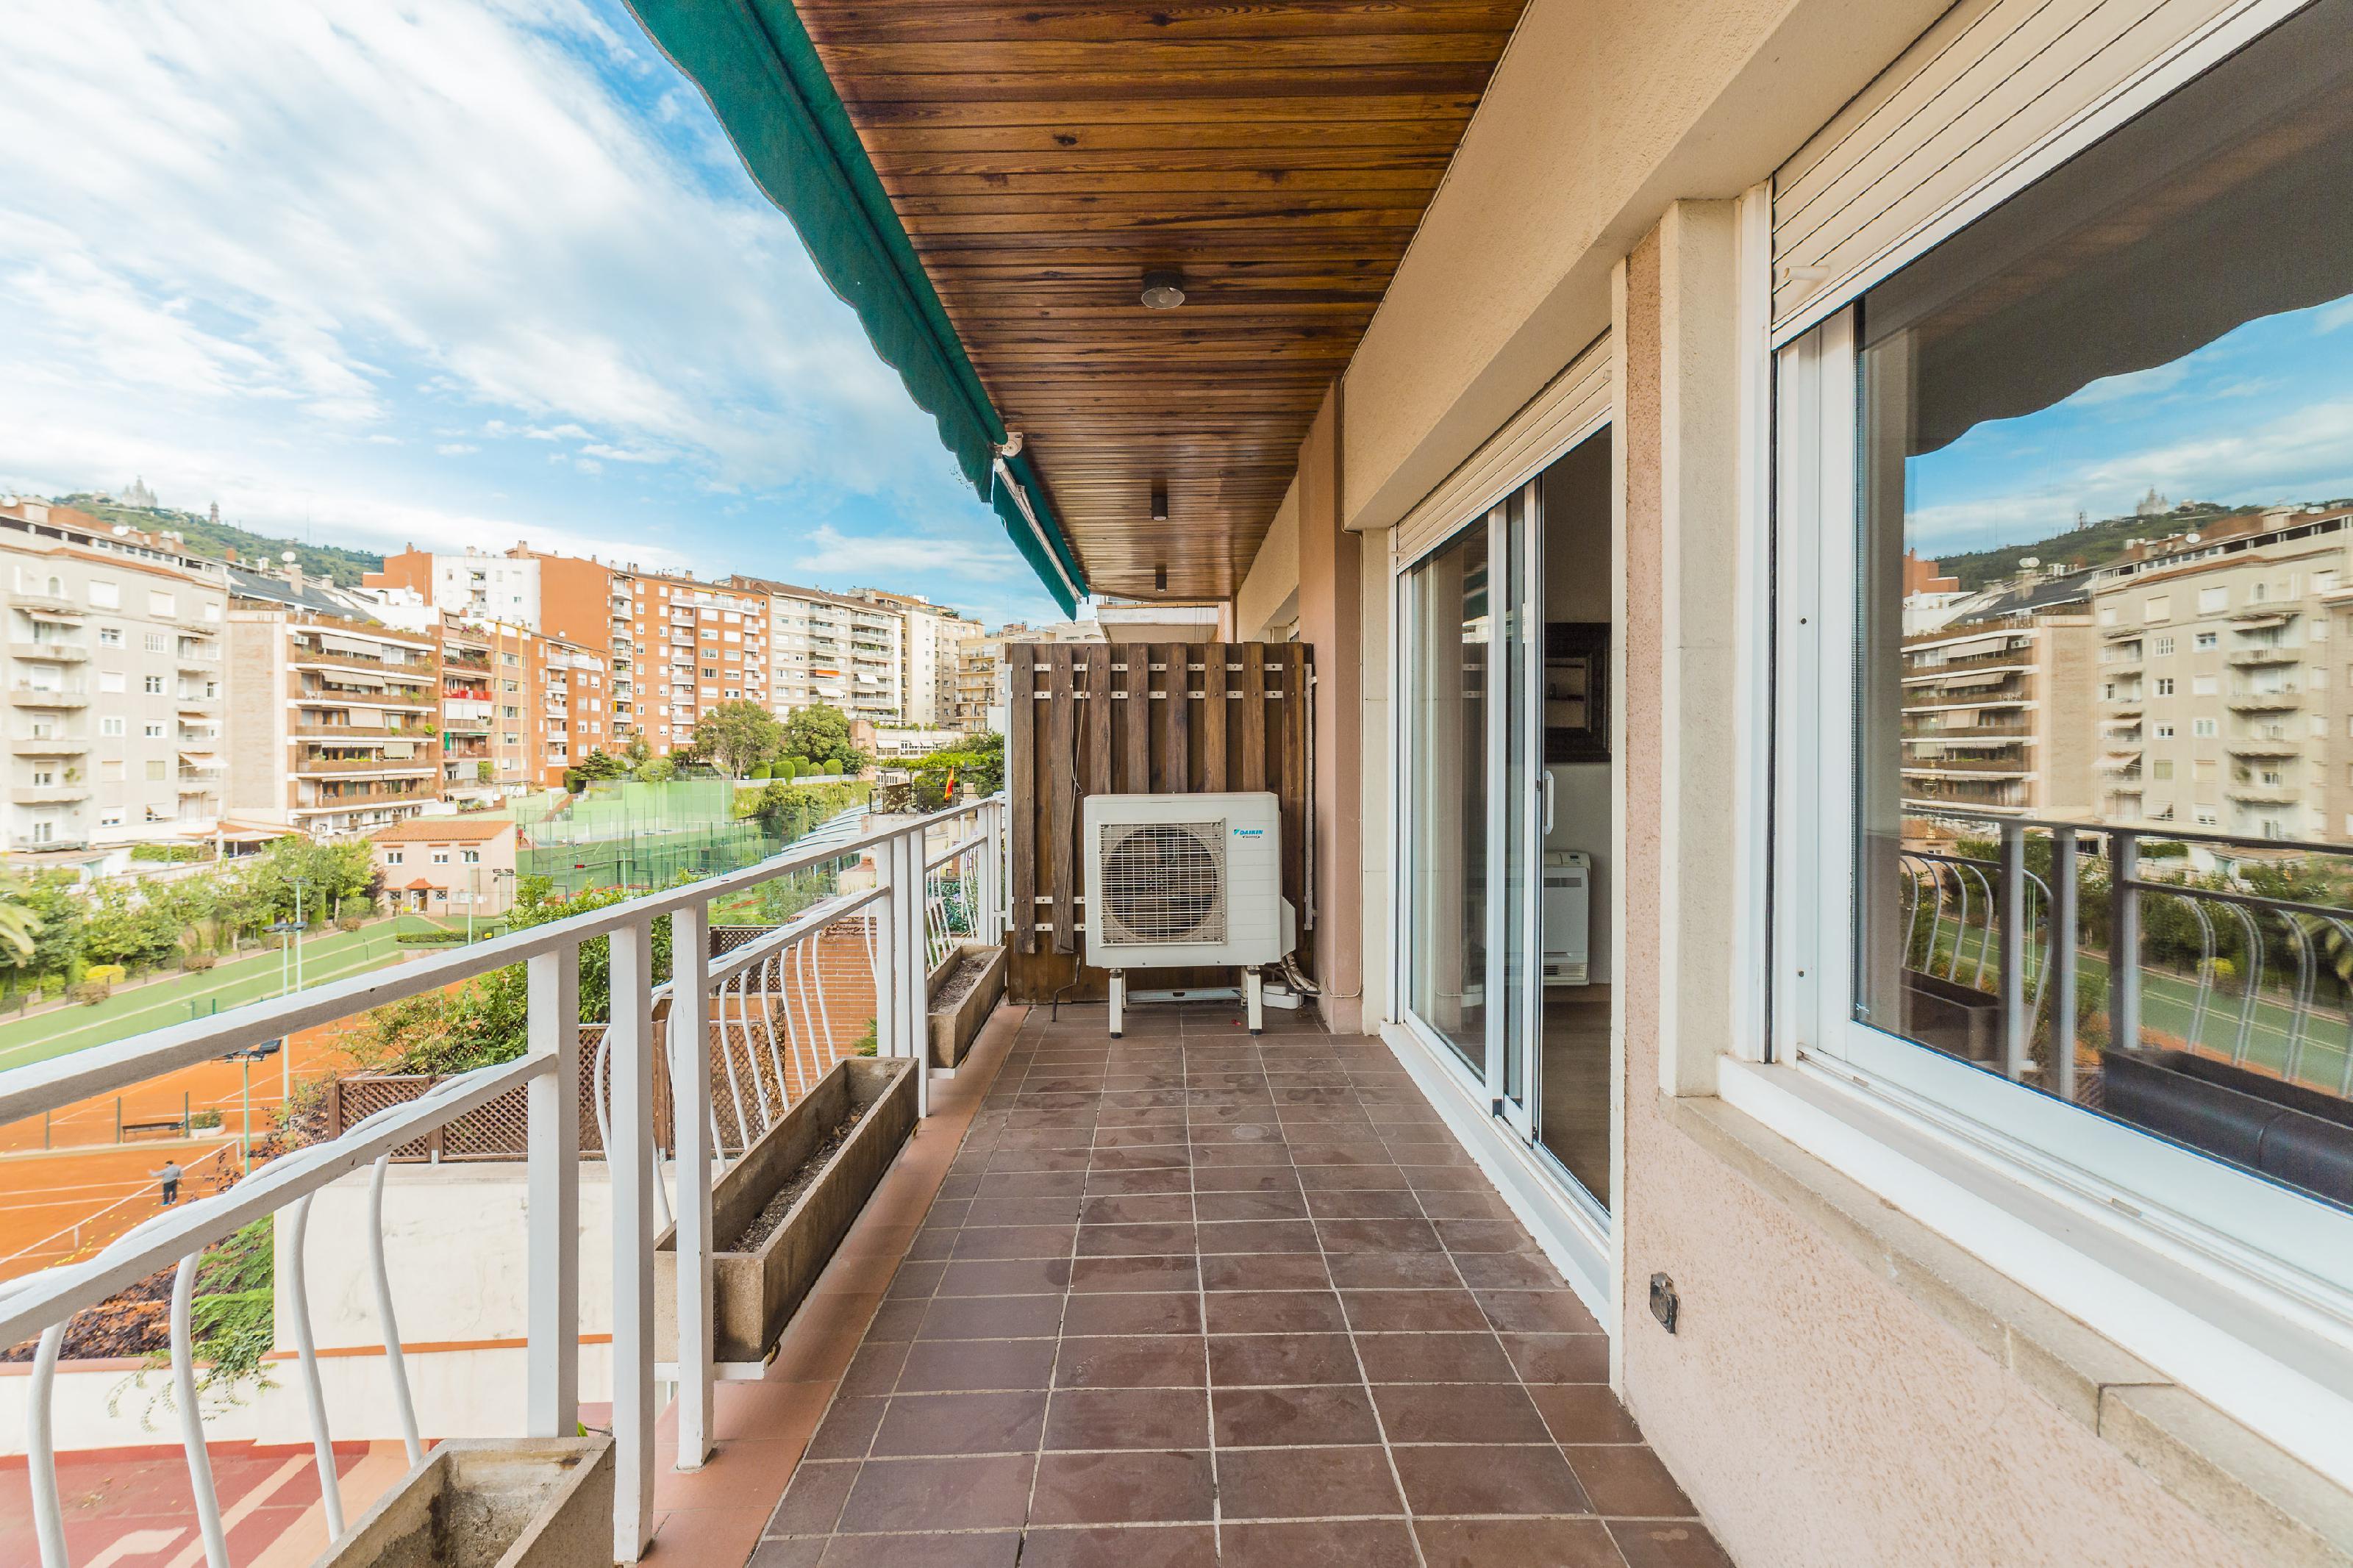 253337 Piso en venda en Sarrià-Sant Gervasi, El Putxet i Farró 22